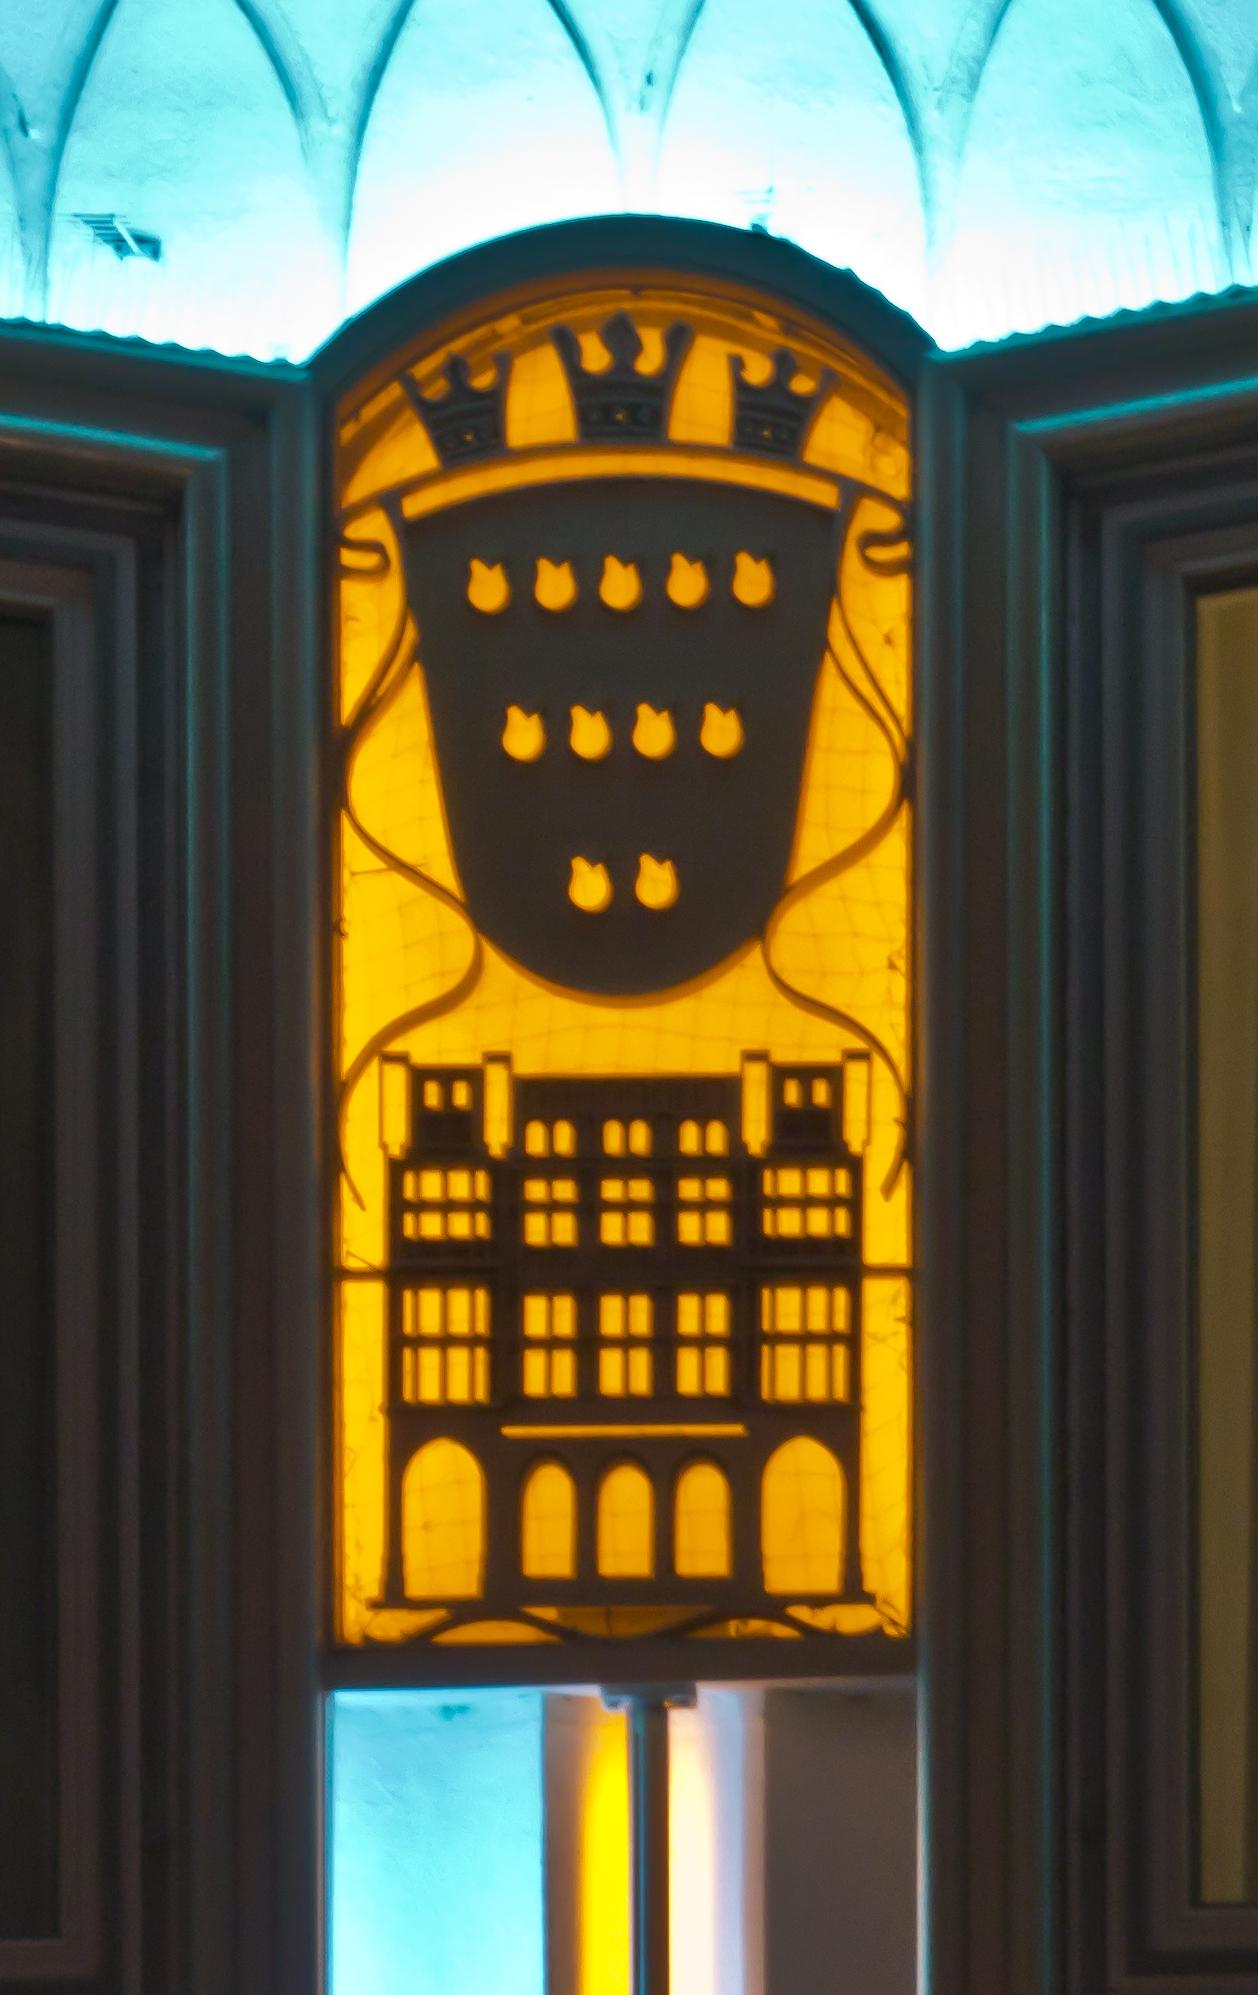 Führung Köln 50er-Jahre - Blau-Gold-Haus (1952), ein Meisterwerk - bei Nacht, indirekt beleuchtet - Detail